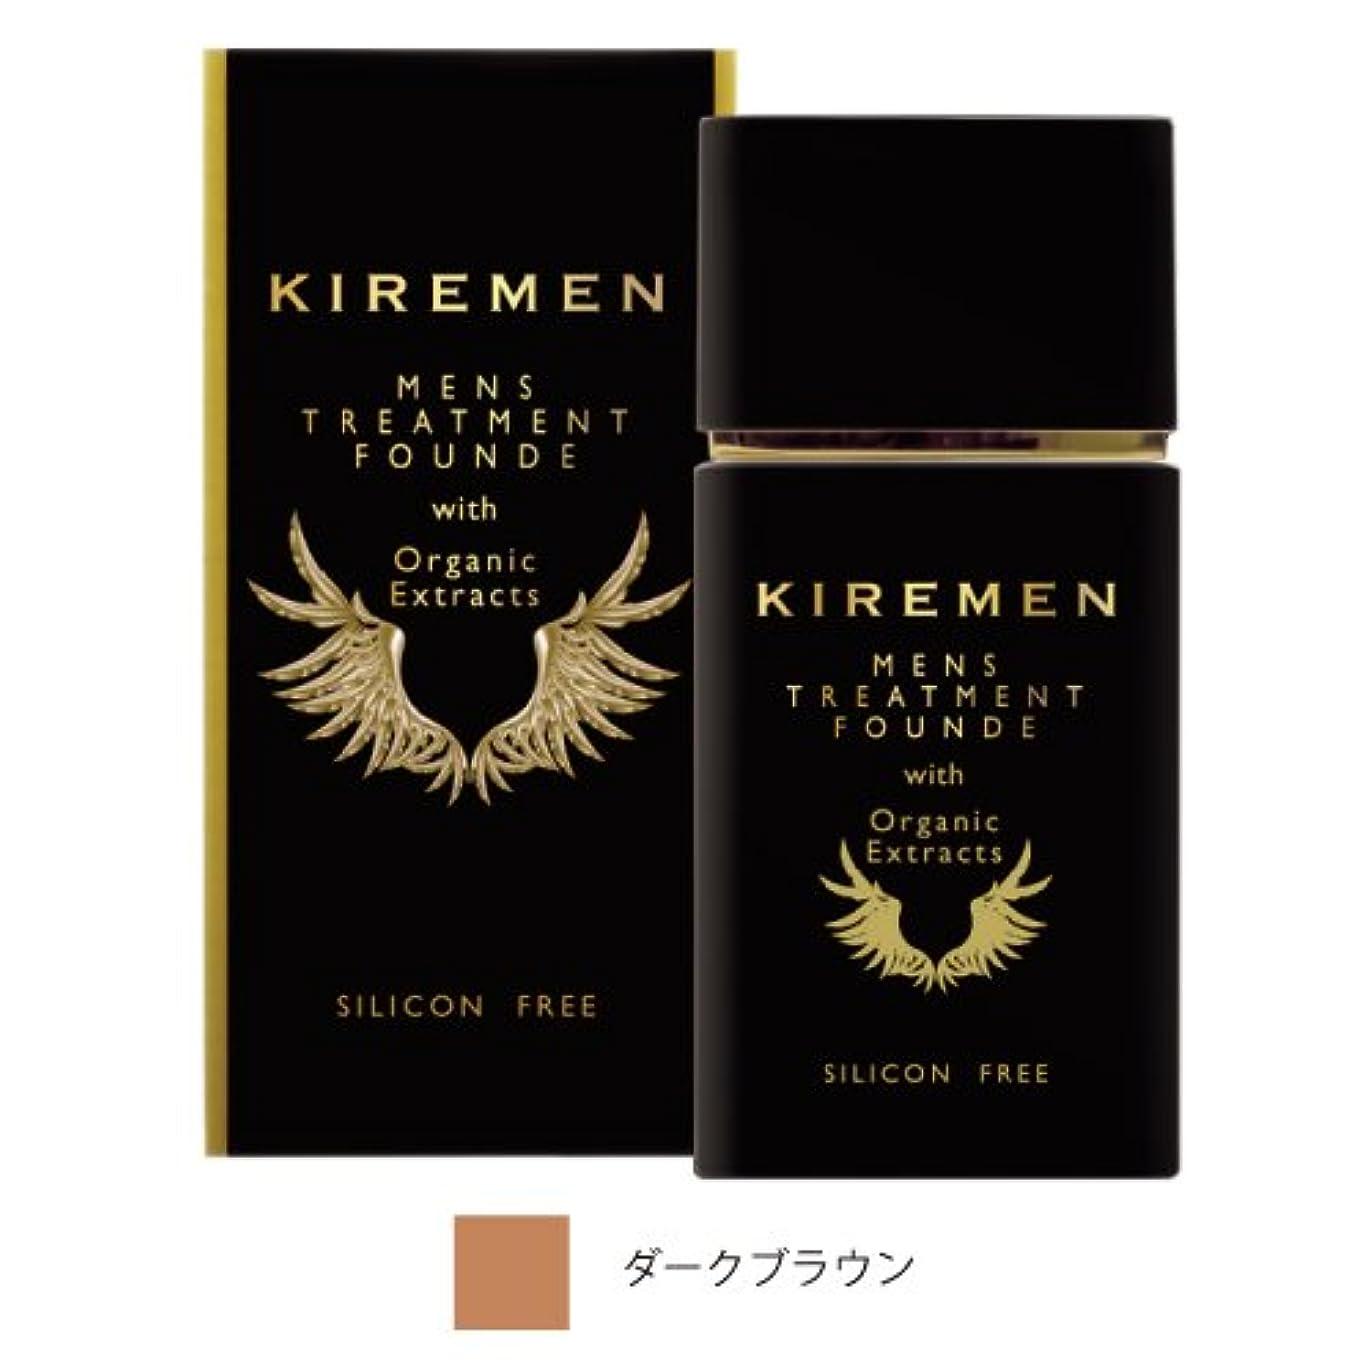 入札遠近法詩キレメン KIREMEN メンズファンデーション (ダークブラウン)